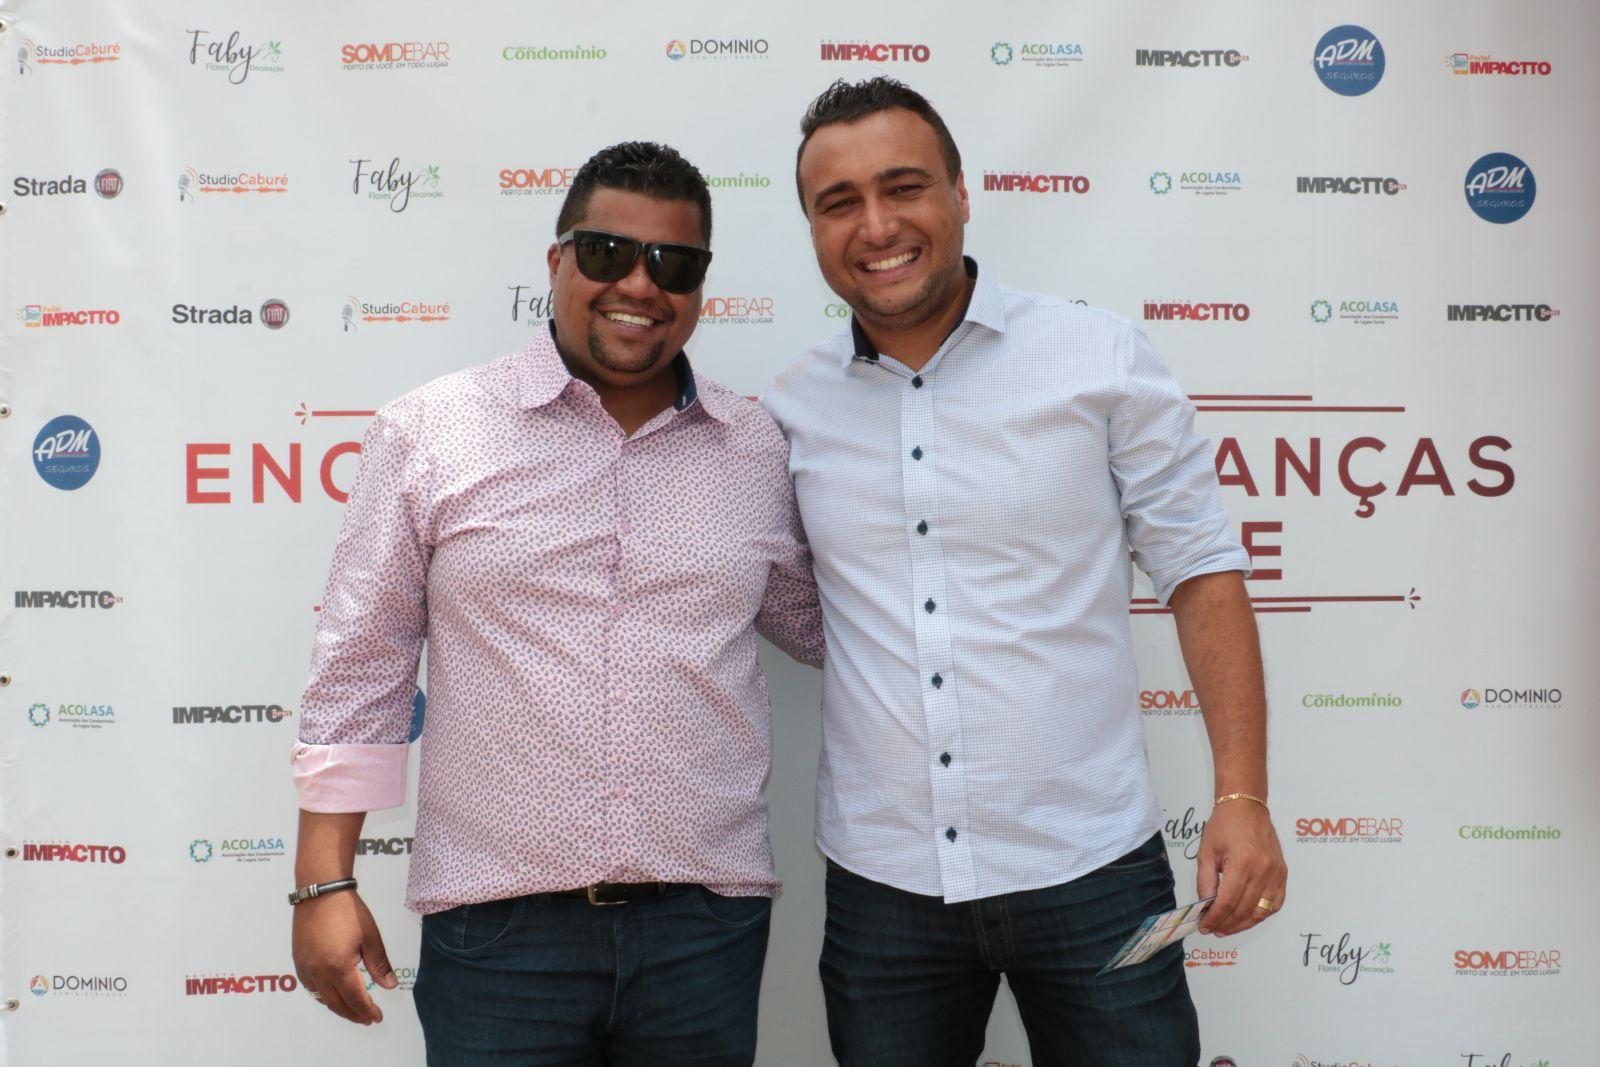 Ruan e Demétrius recebem empresários, em evento da ACOLASA, na sede do Grupo Impactto